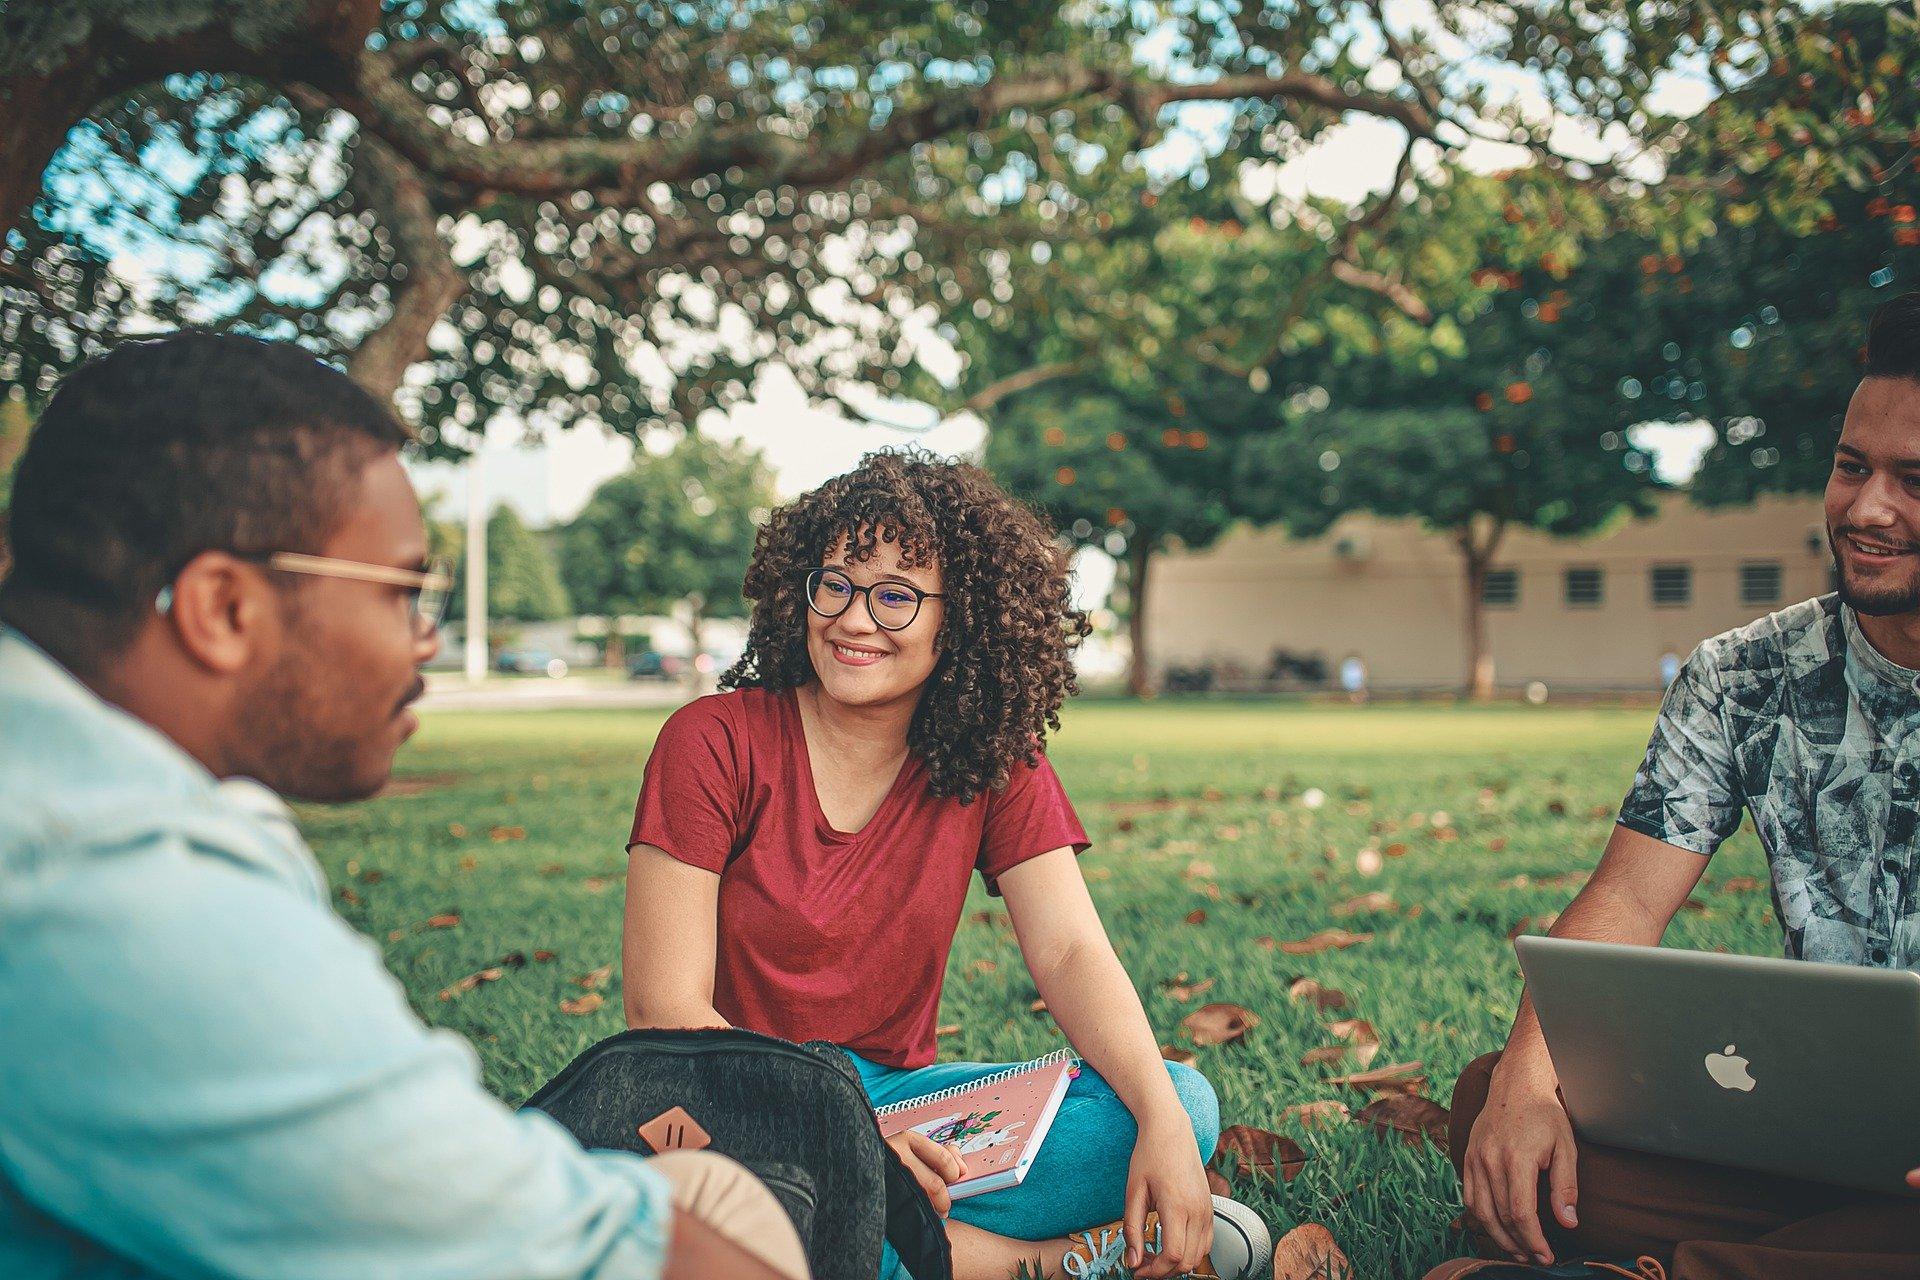 Hoe krijg je als student meer zelfvertrouwen?